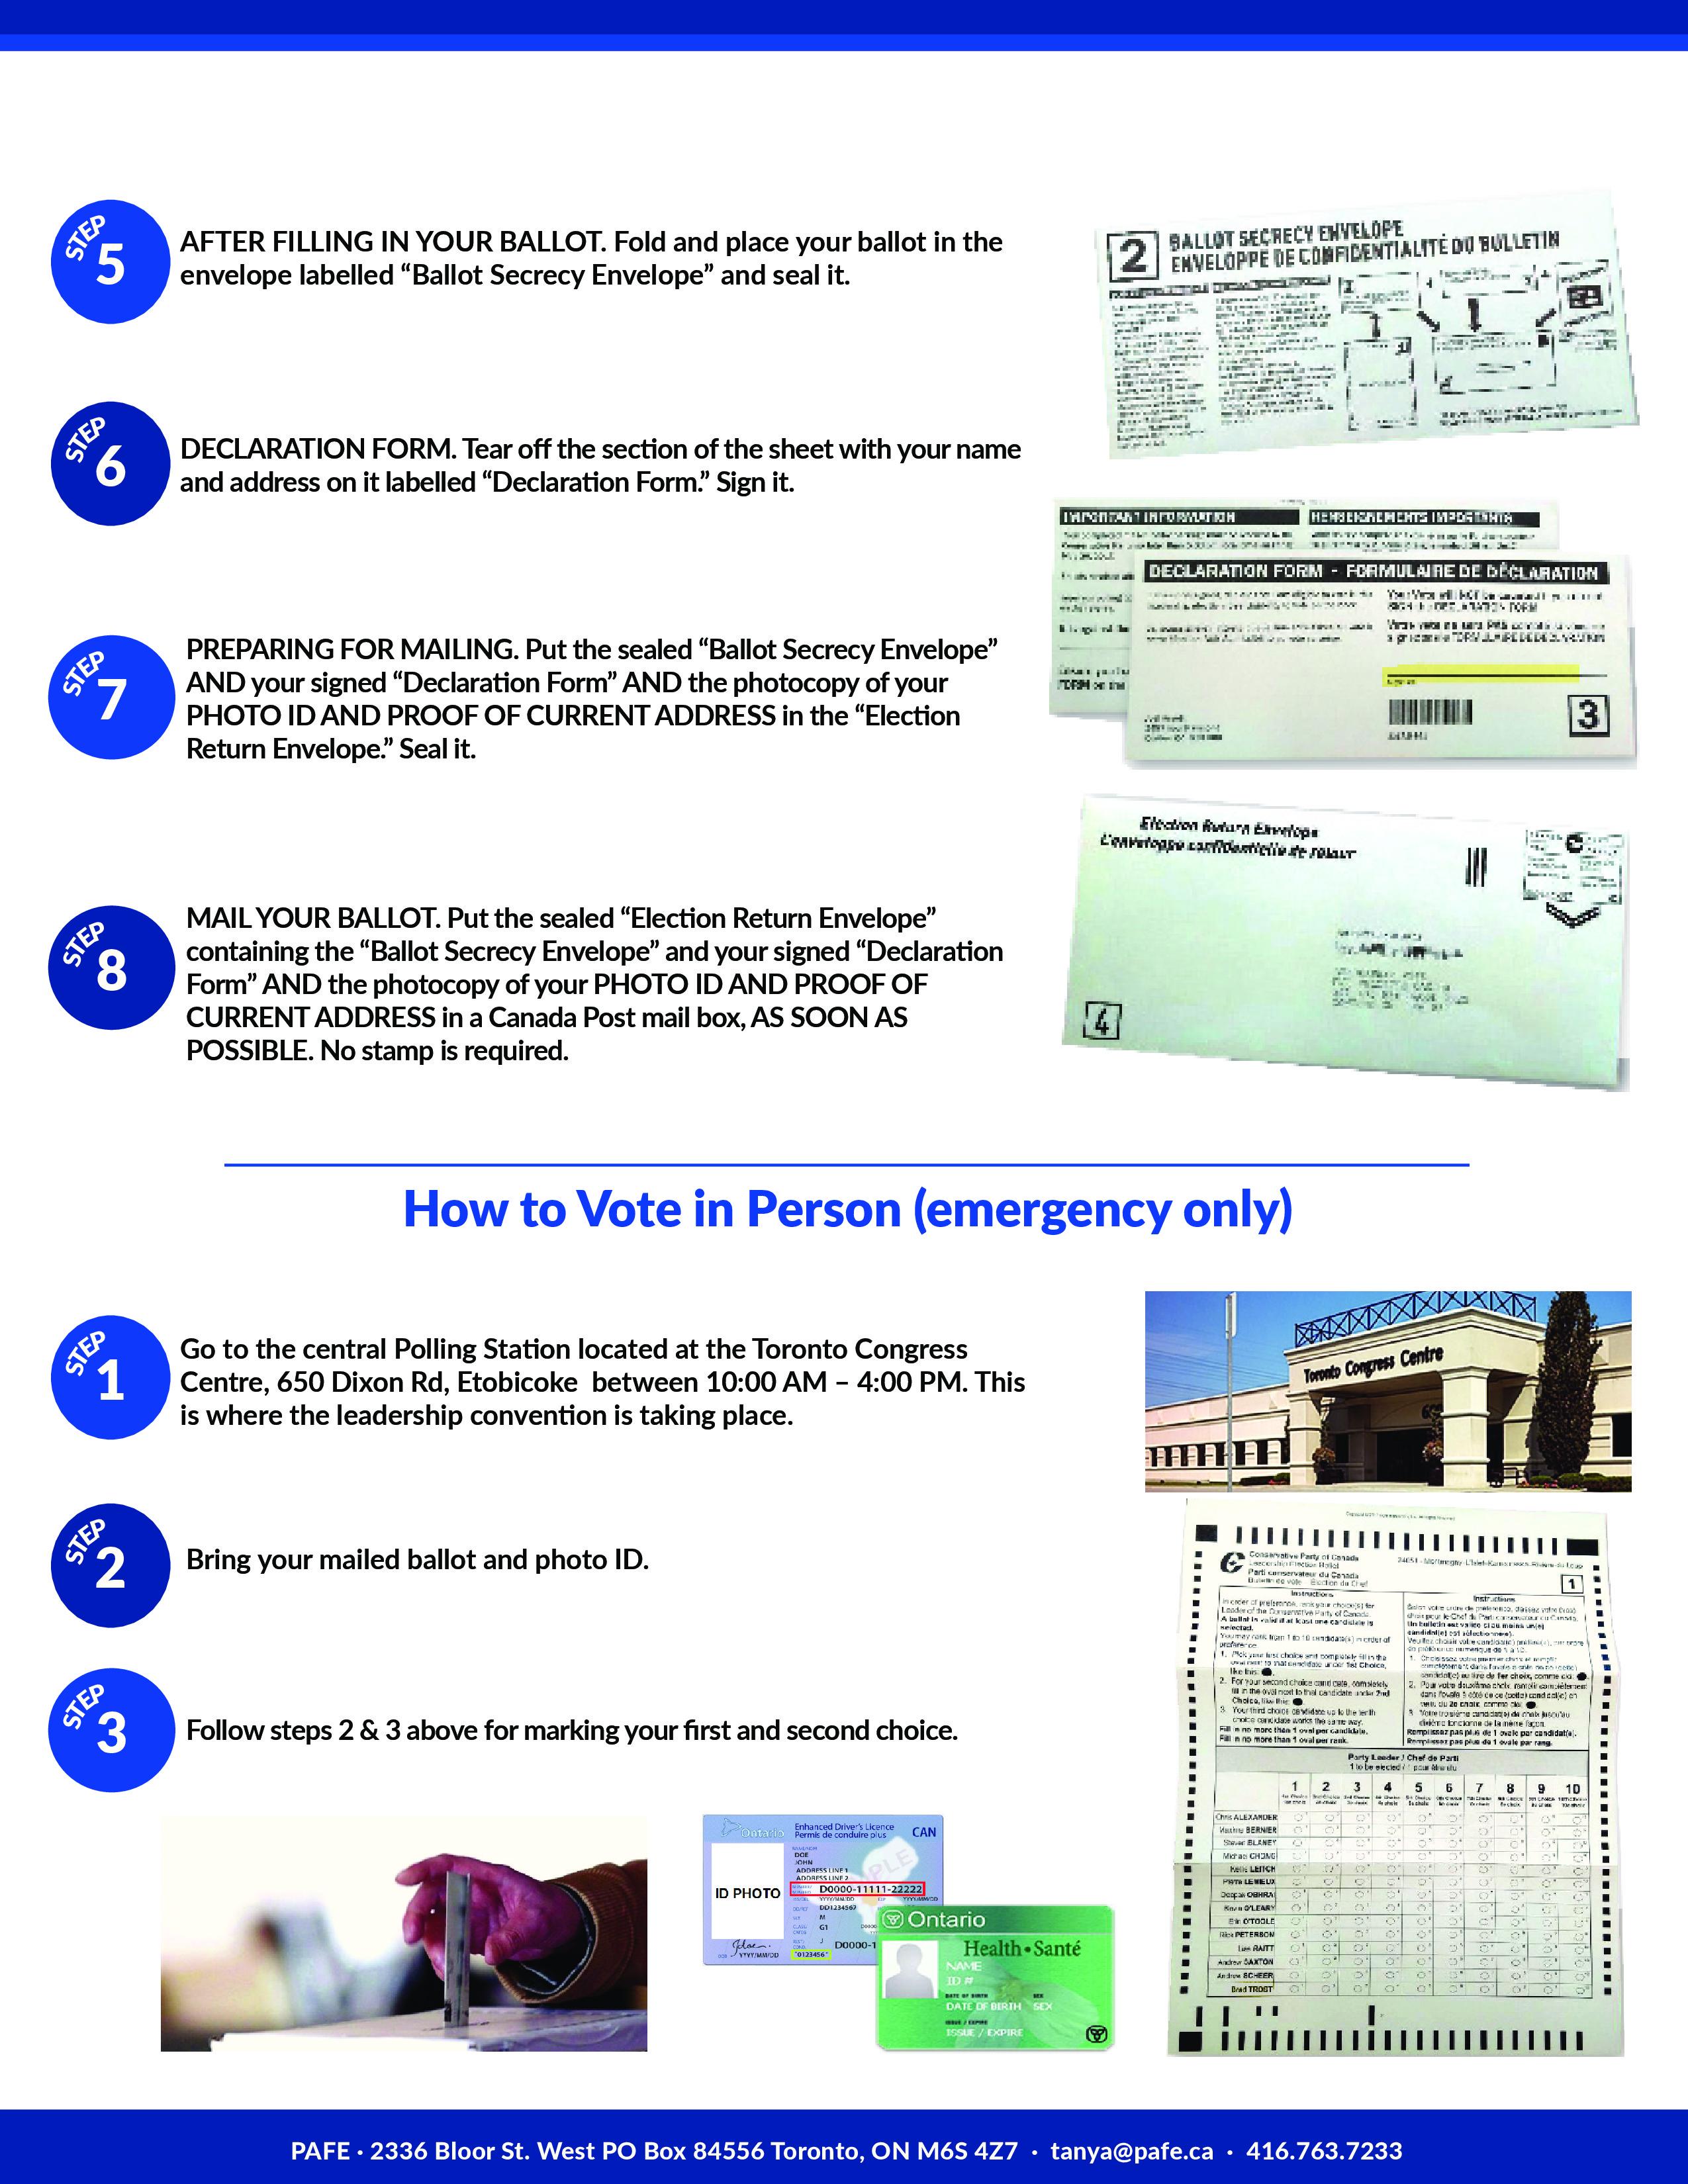 PafeCPCvoteweb_(1)-page-3.jpg